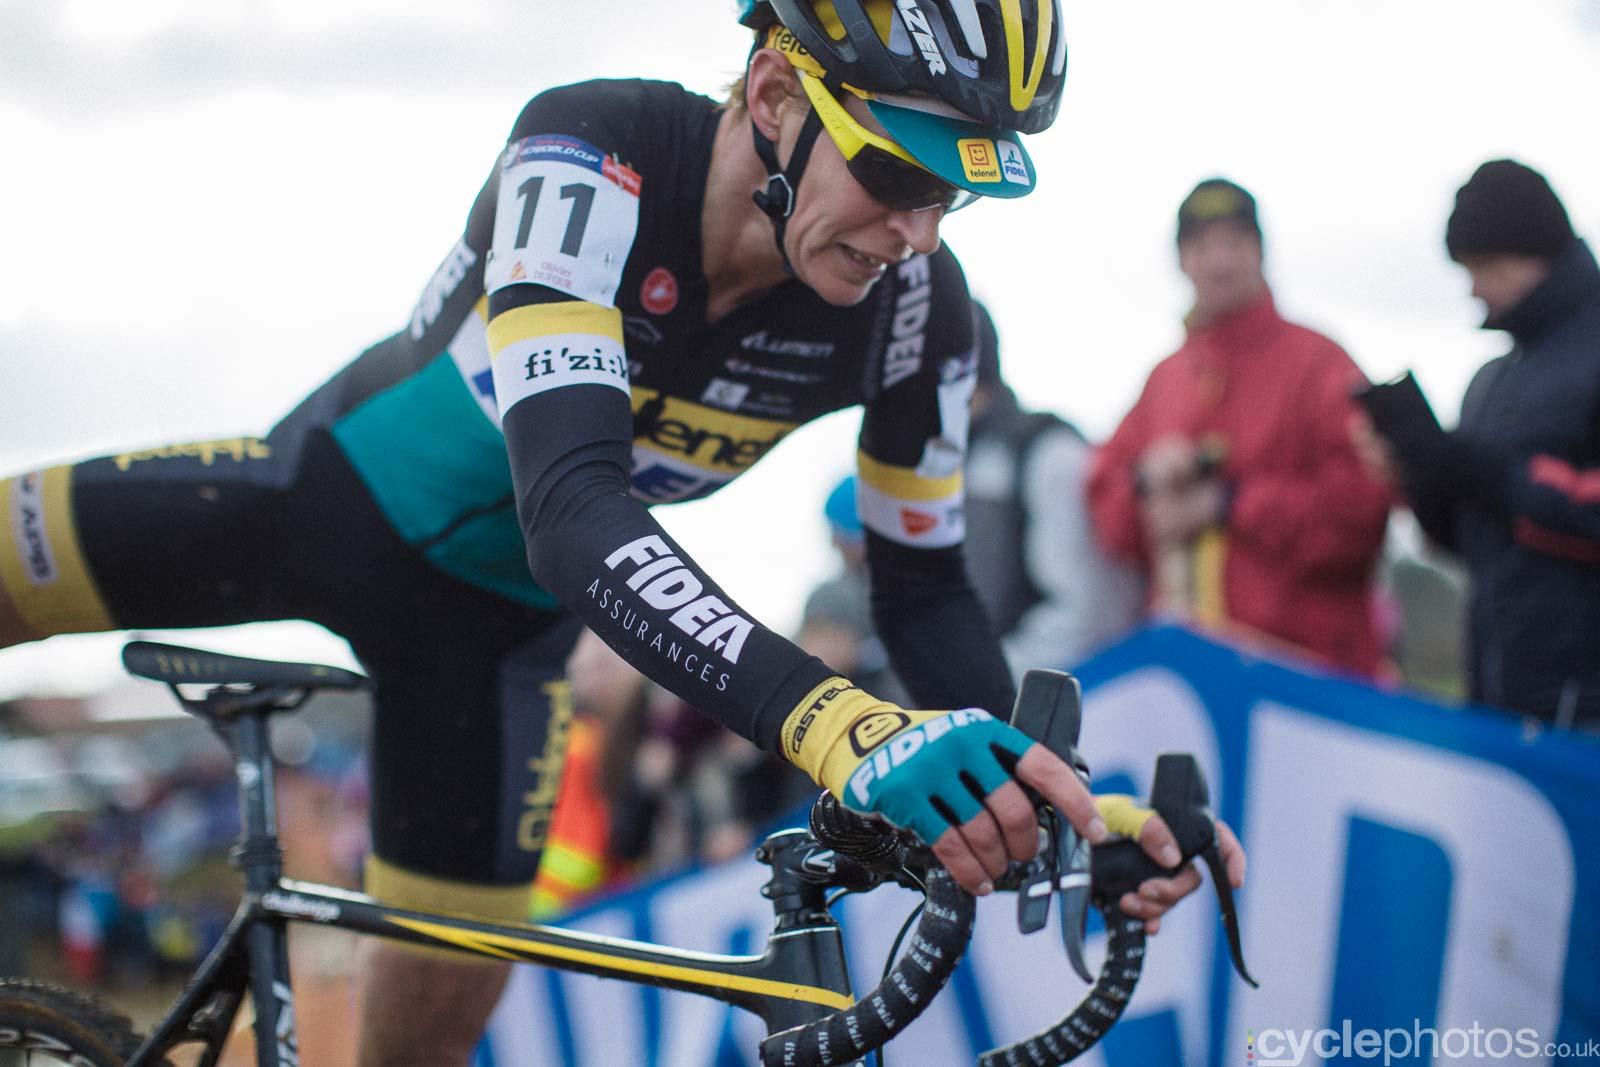 2016-cyclephotos-cyclocross-lignieres-134024-ellen-van-loy